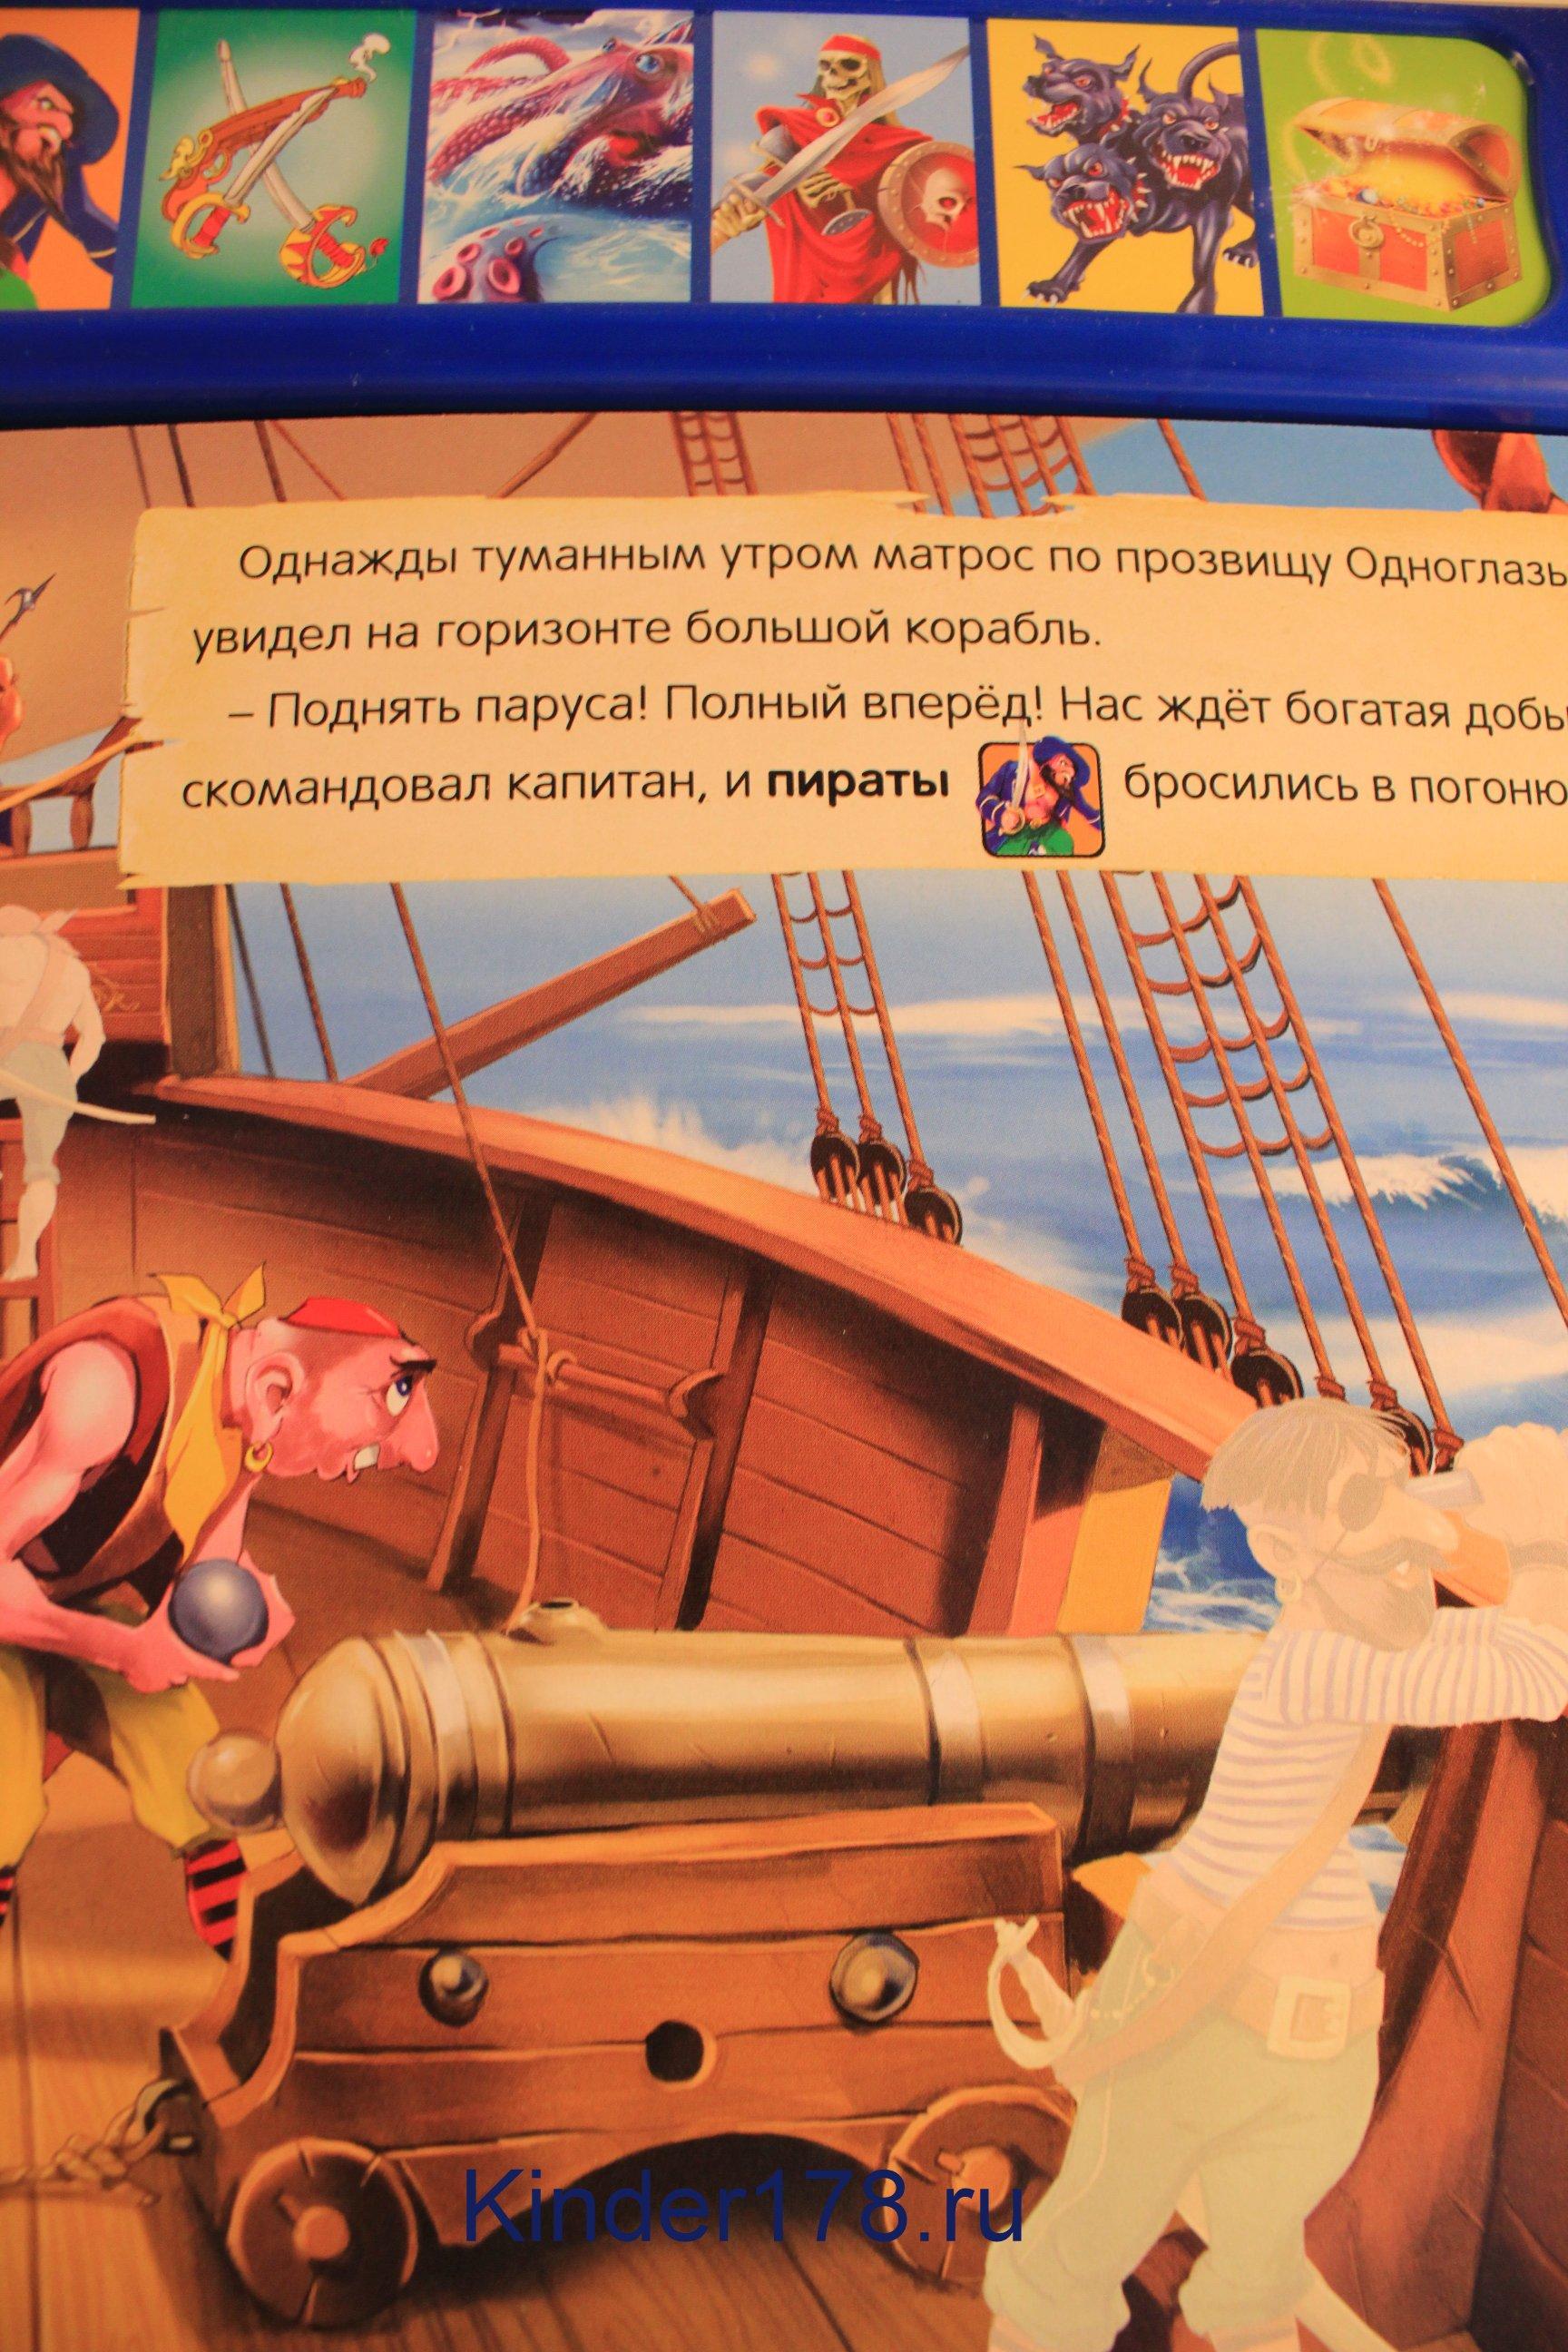 http://kinder178.ru/images/upload/priklyuchenie-groznykh-piratov-azbukvarik-005.JPG